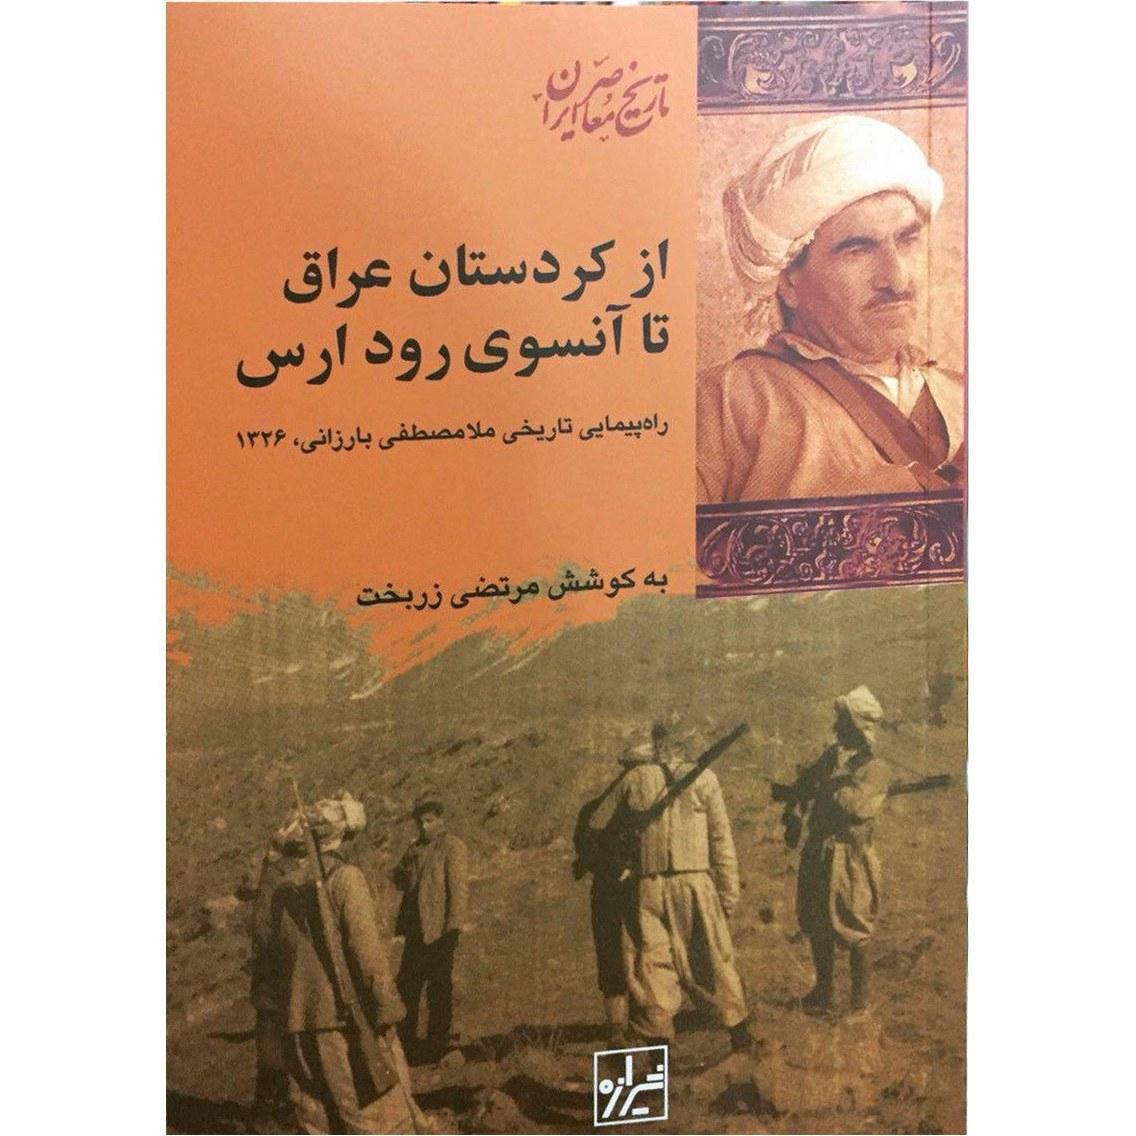 کتاب از کردستان عراق تا آنسوی رود ارس اثر مرتضی زربخت